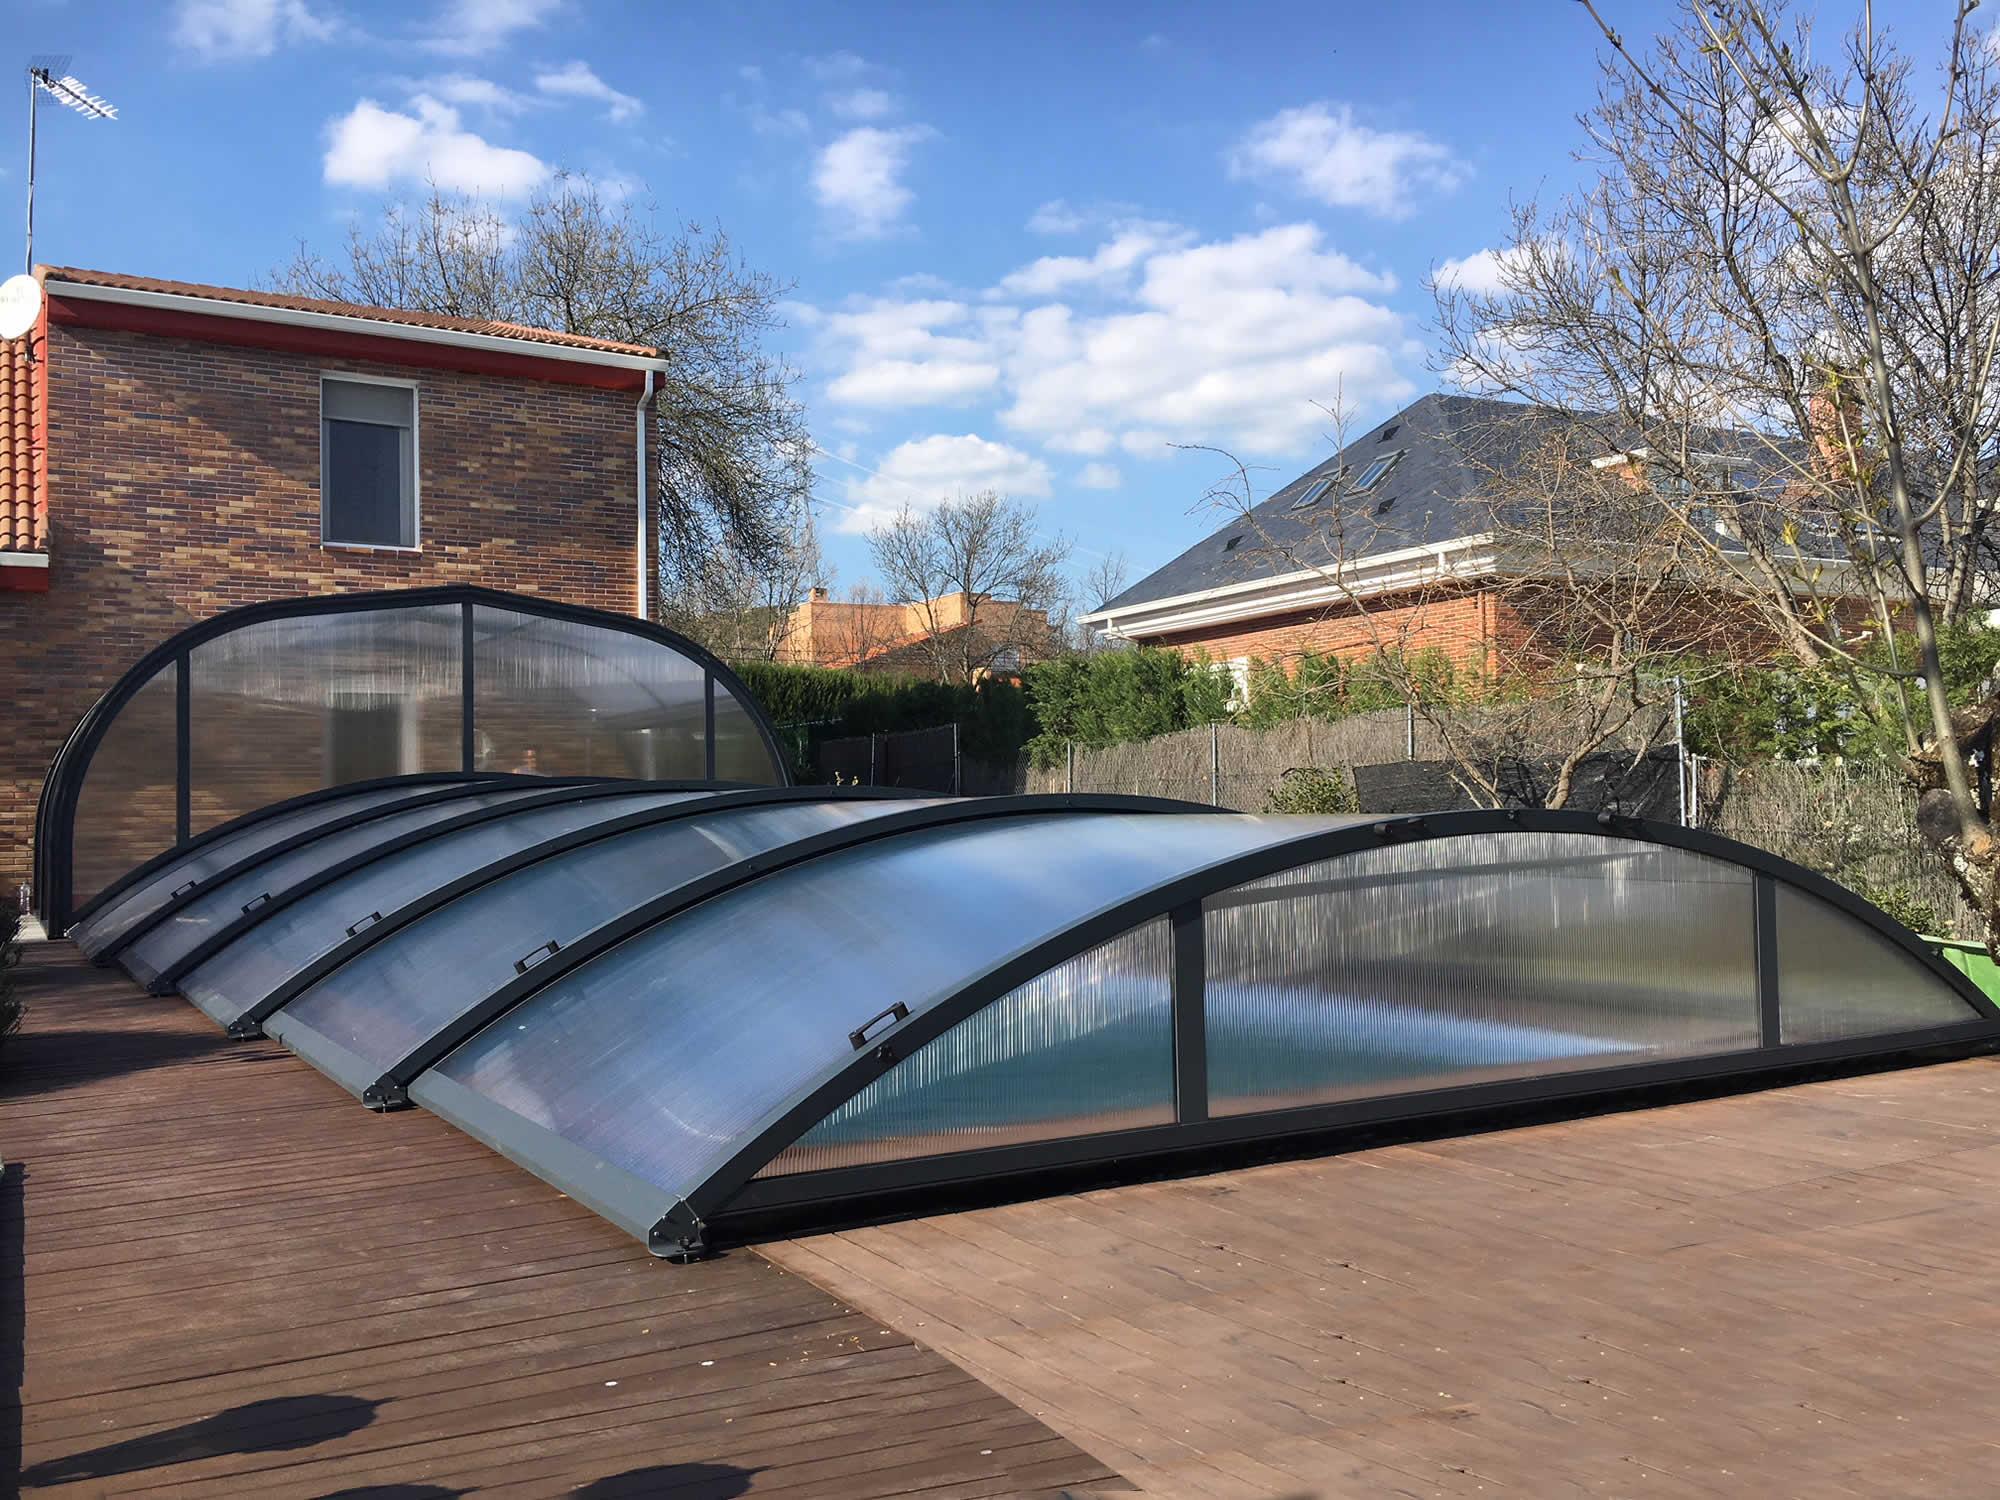 Cubierta Teide + Etna: Cerramientos para piscina baja y telescópica en Madrid exterior